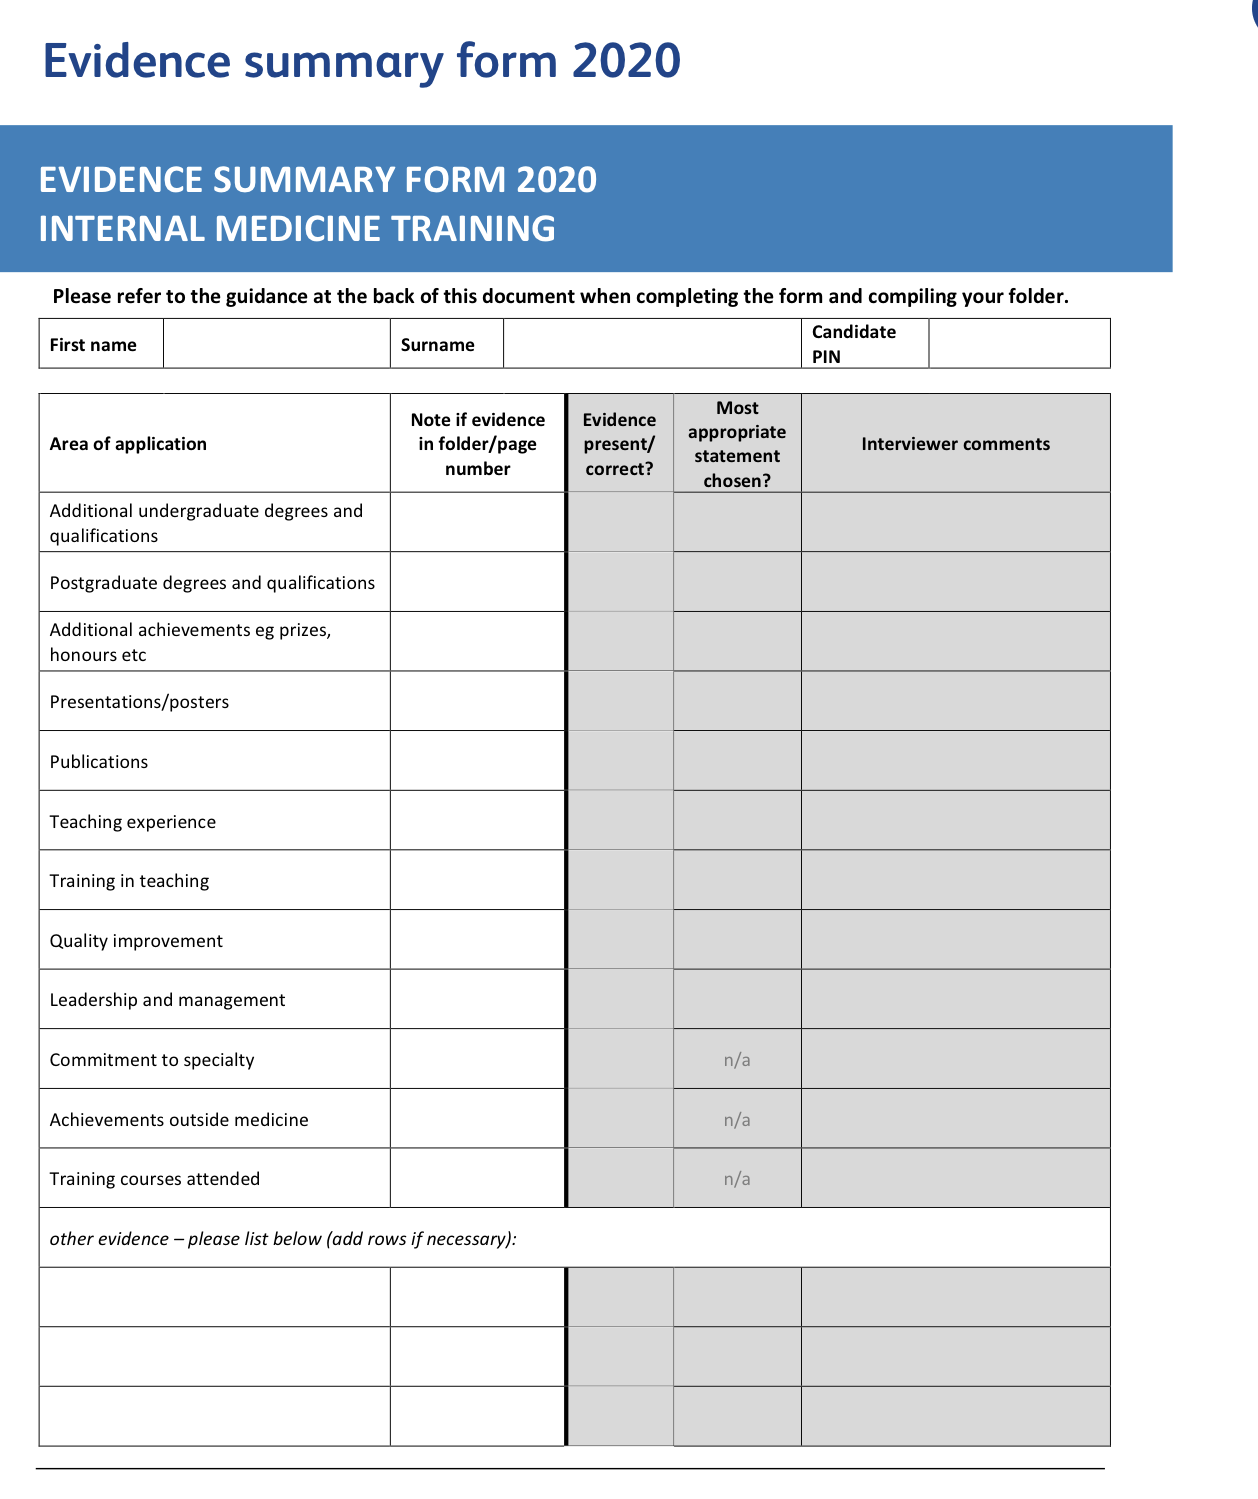 IMT Evidence summary form